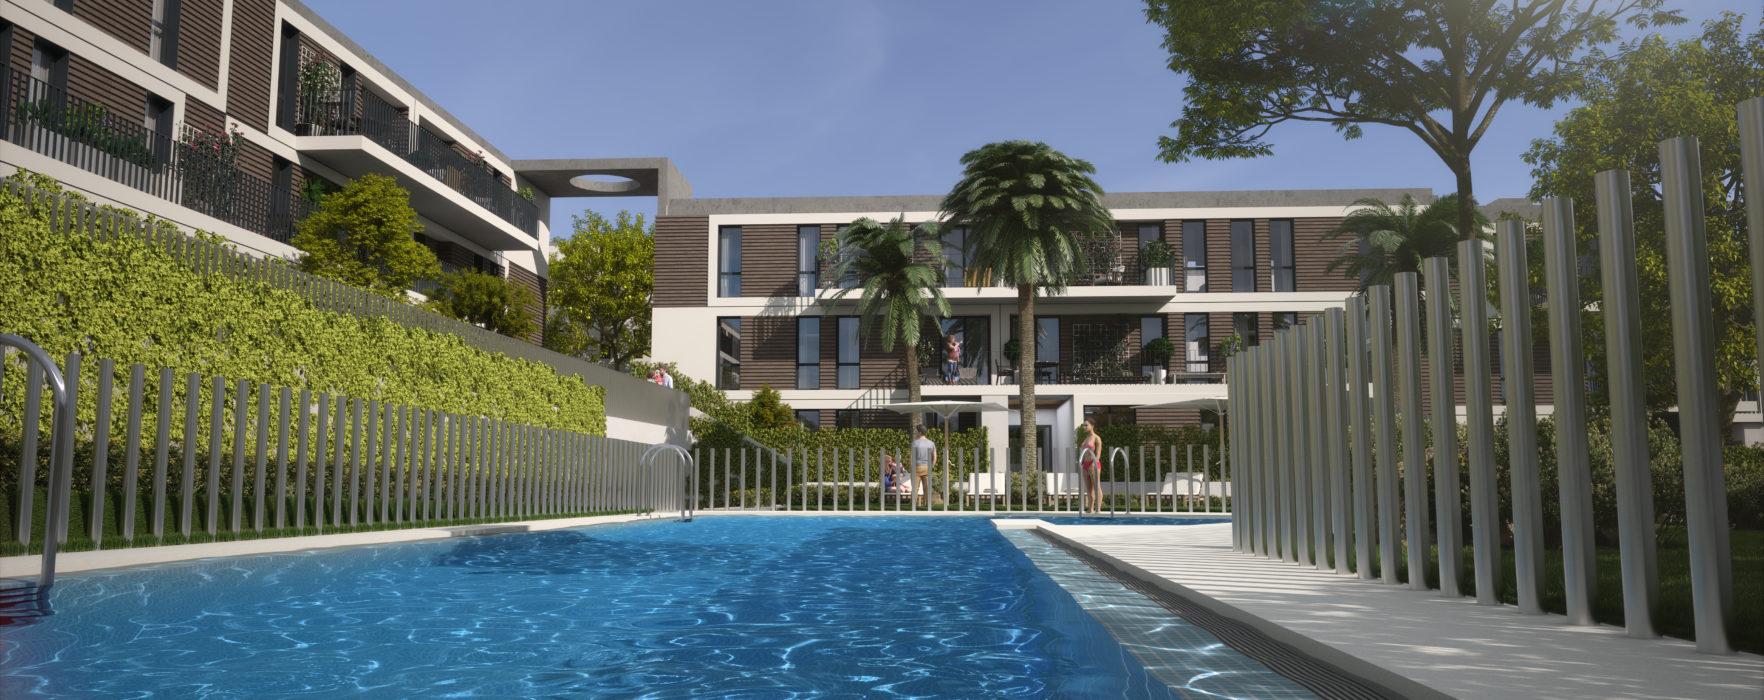 AEDAS Homes nace para protagonizar una nueva etapa del sector inmobiliario en España